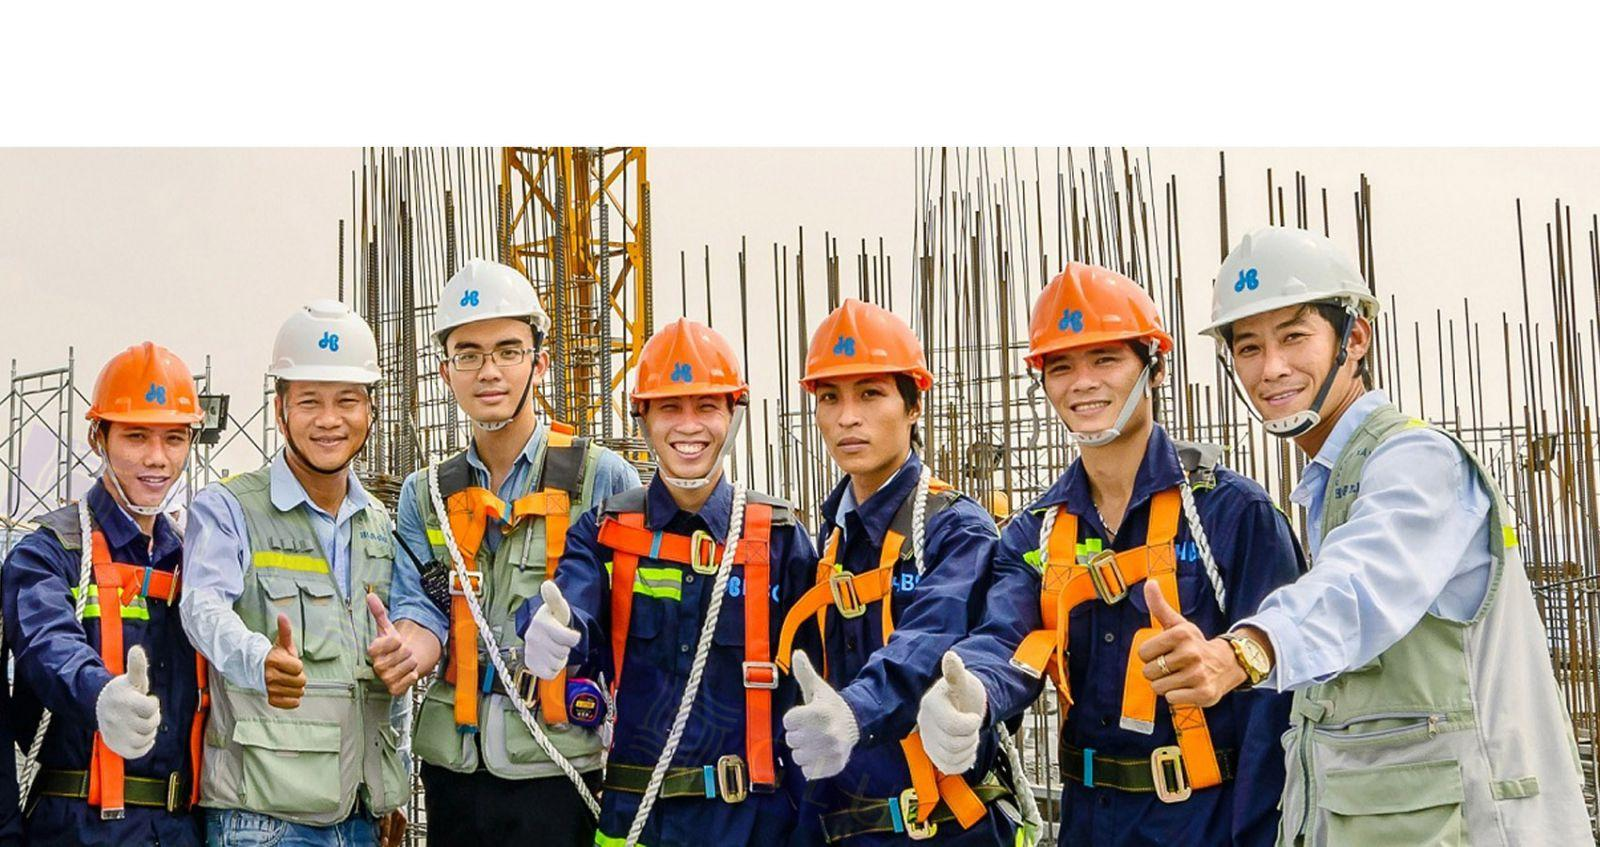 Trang bị đồ bảo hộ lao động cho công nhân